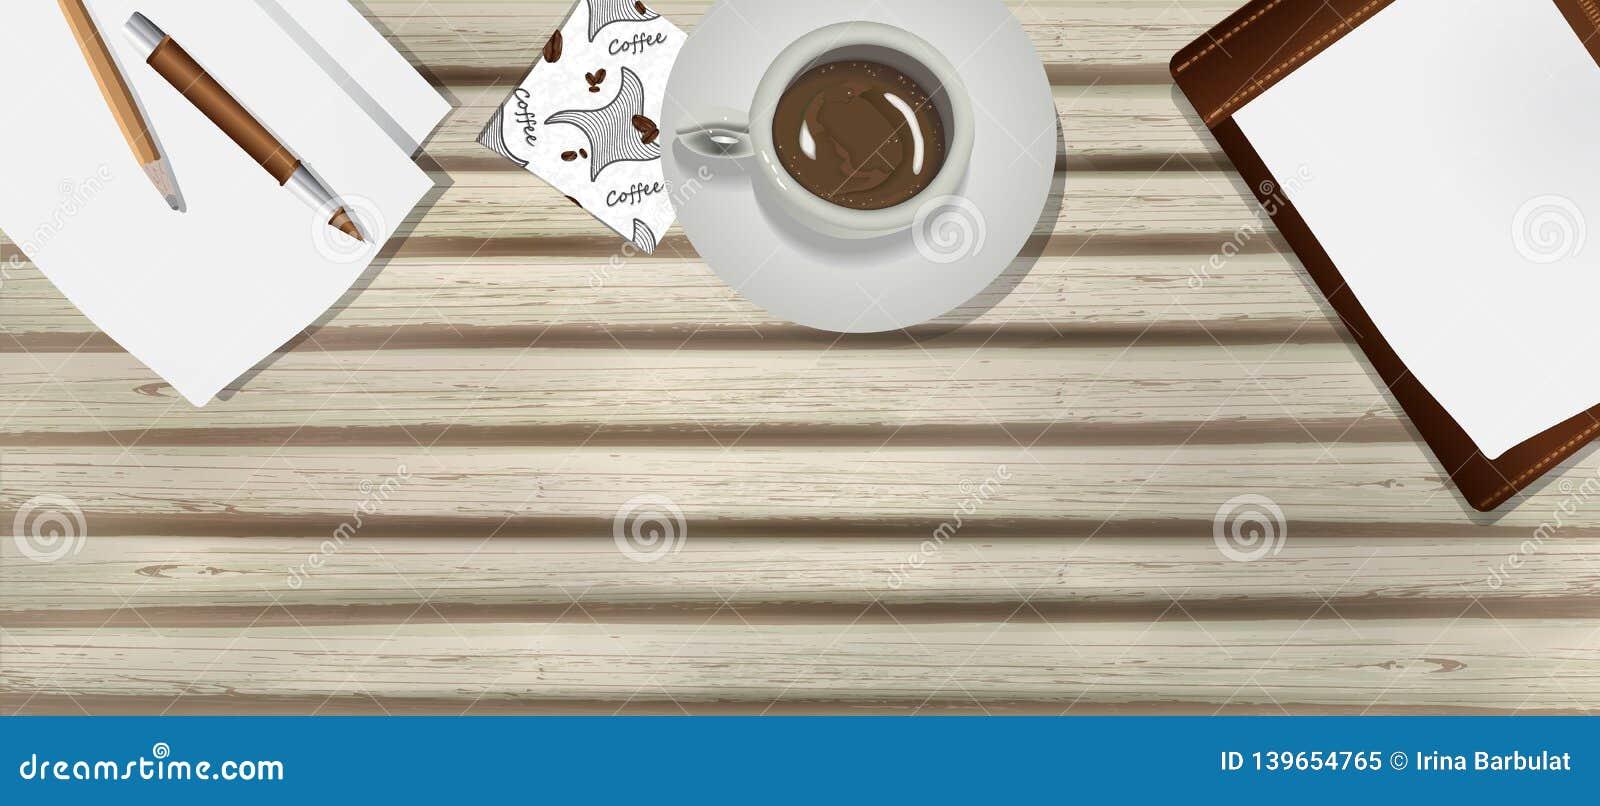 与一杯咖啡的老,木桌,纸、笔和铅笔在现实主义样式 企业工作场所,导航设计的背景